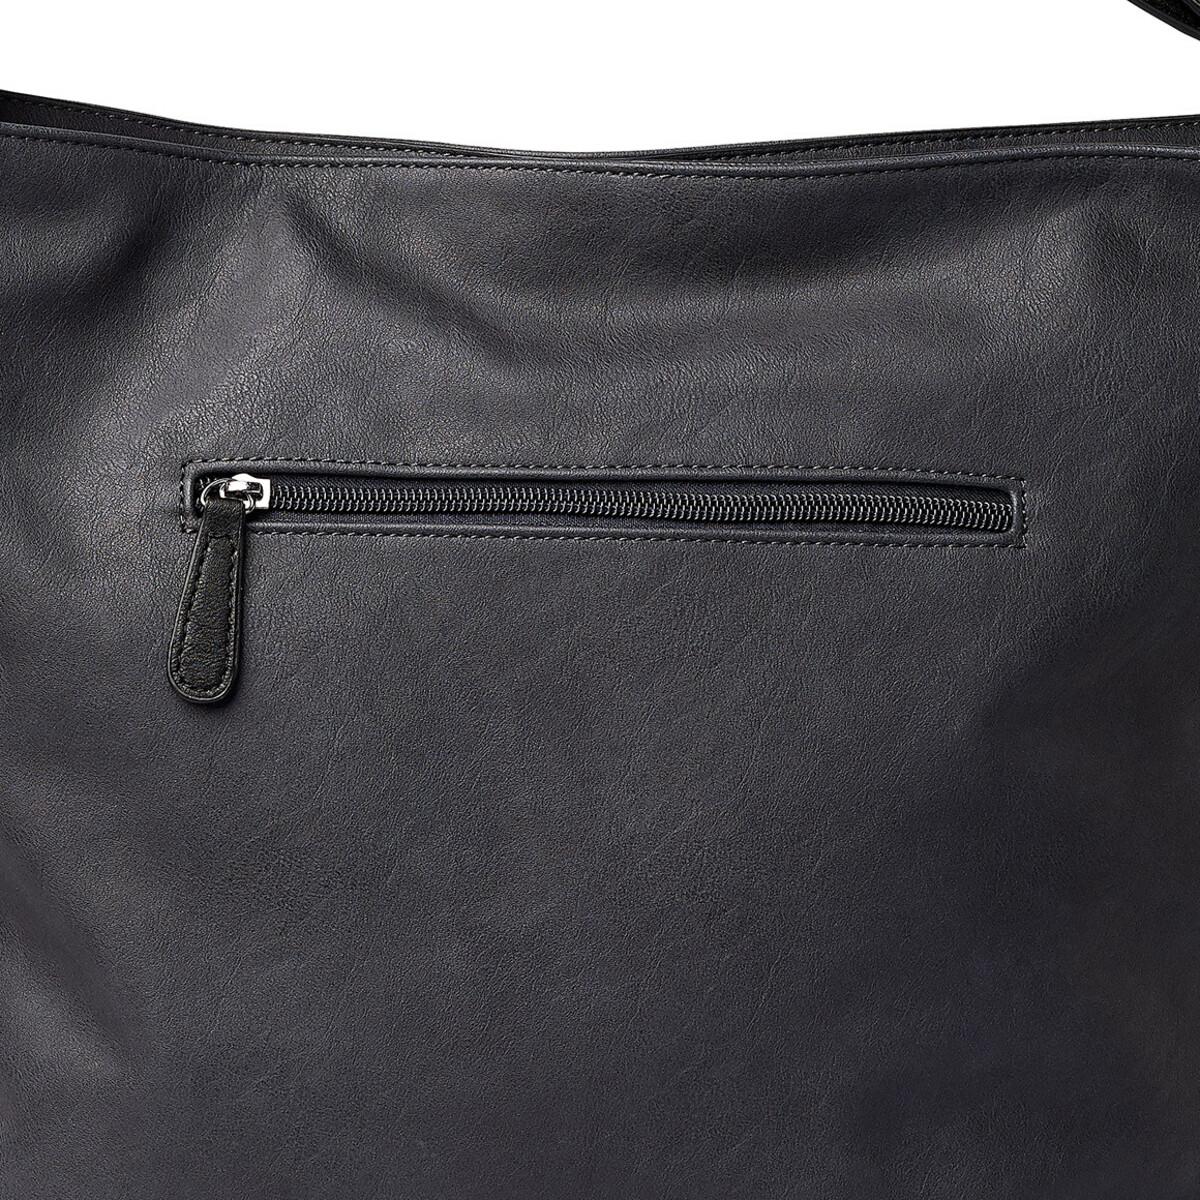 Bild 4 von Damen Tasche mit Stern-Applikation